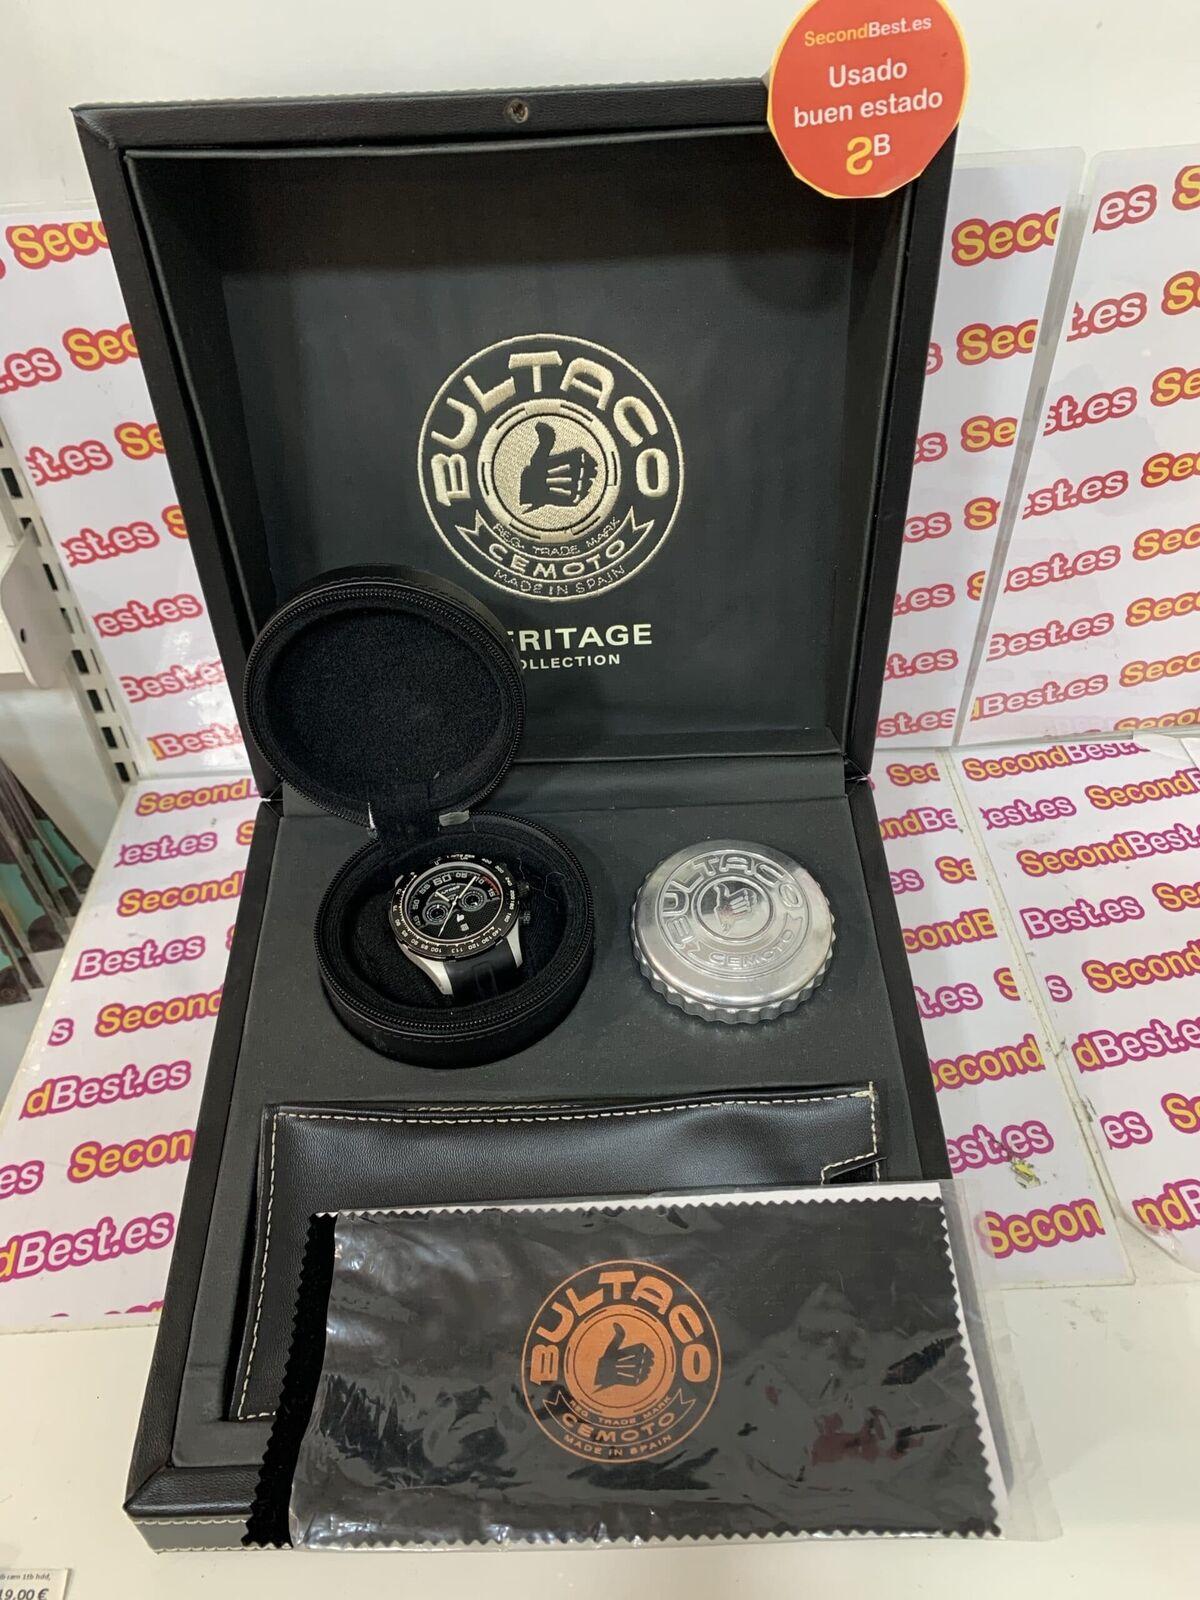 Reloj de pulsera BULTACO s48cw-s1 edición limitada + estuche Segunda Mano